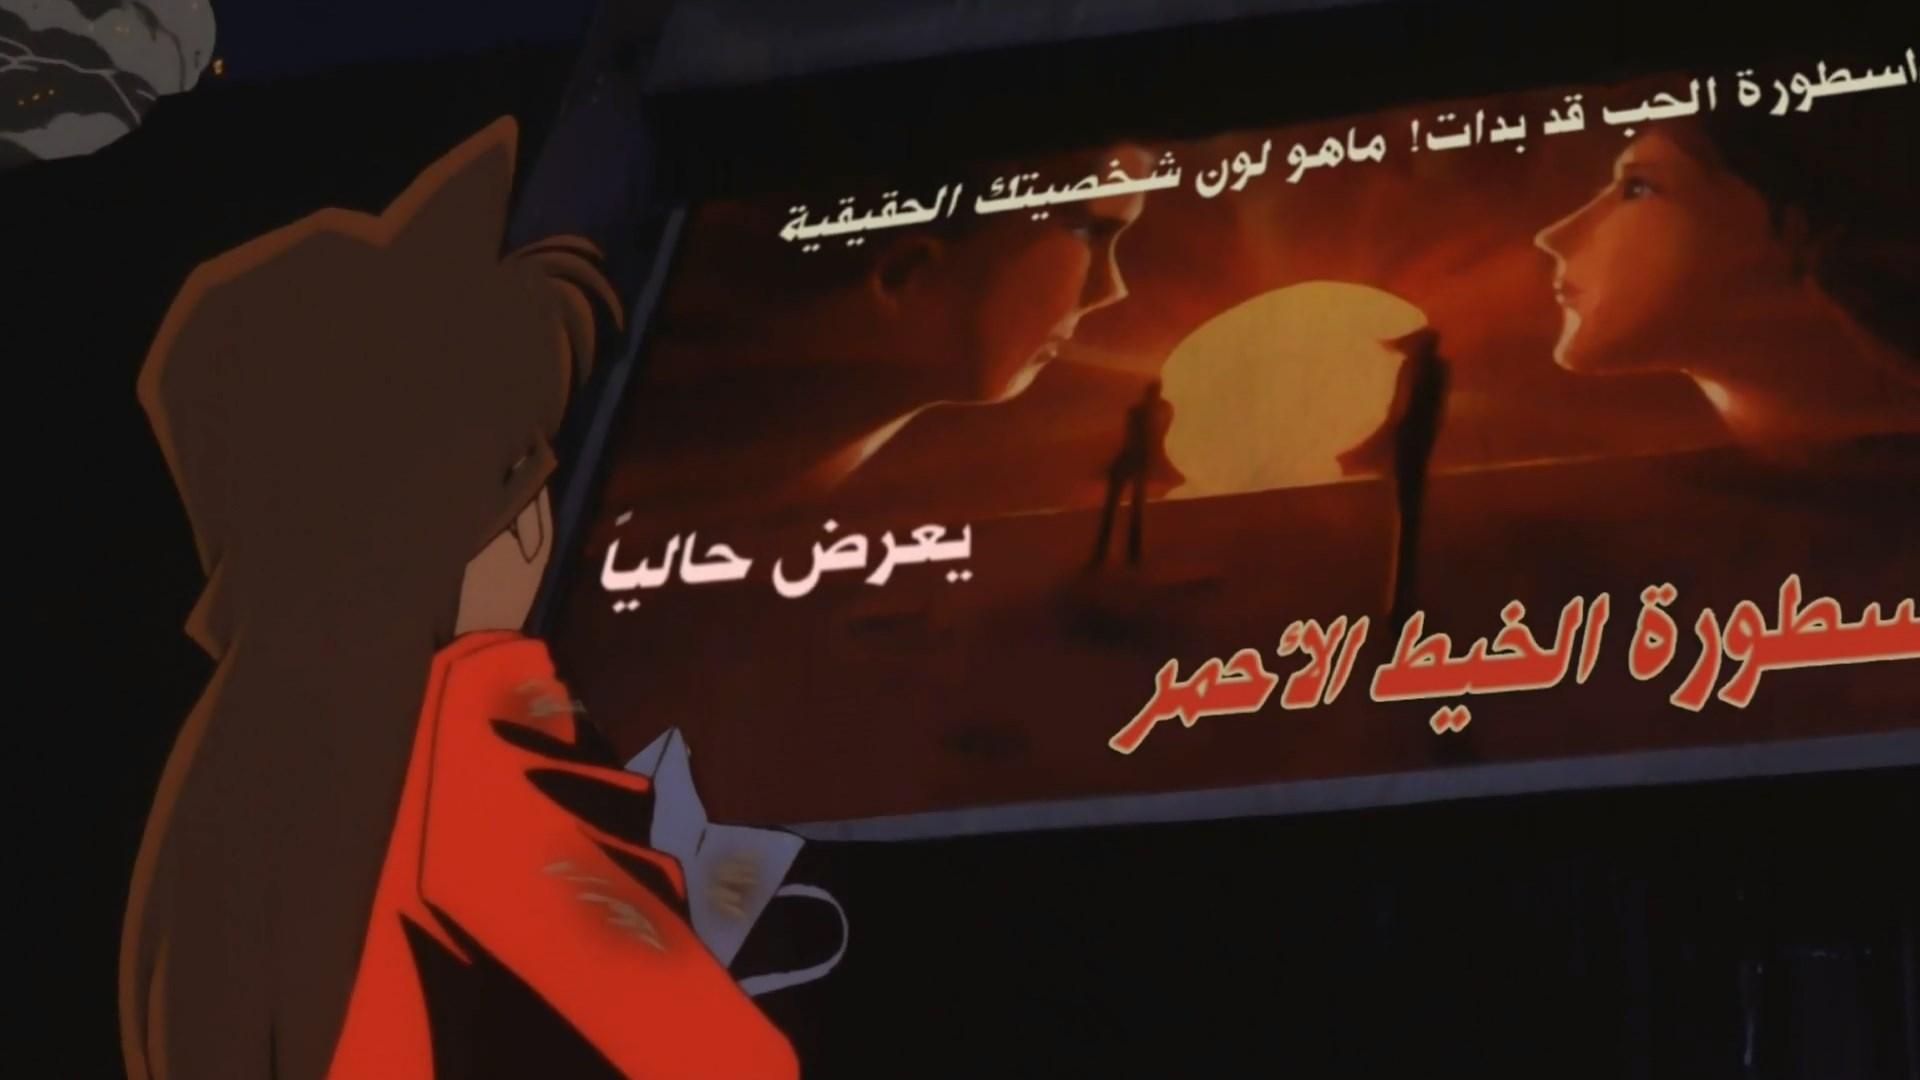 المحقق كونان الفيلم الأول -اللحظة الأخيرة - مدبلج عربي 1080p تحميل تورنت 12 arabp2p.com